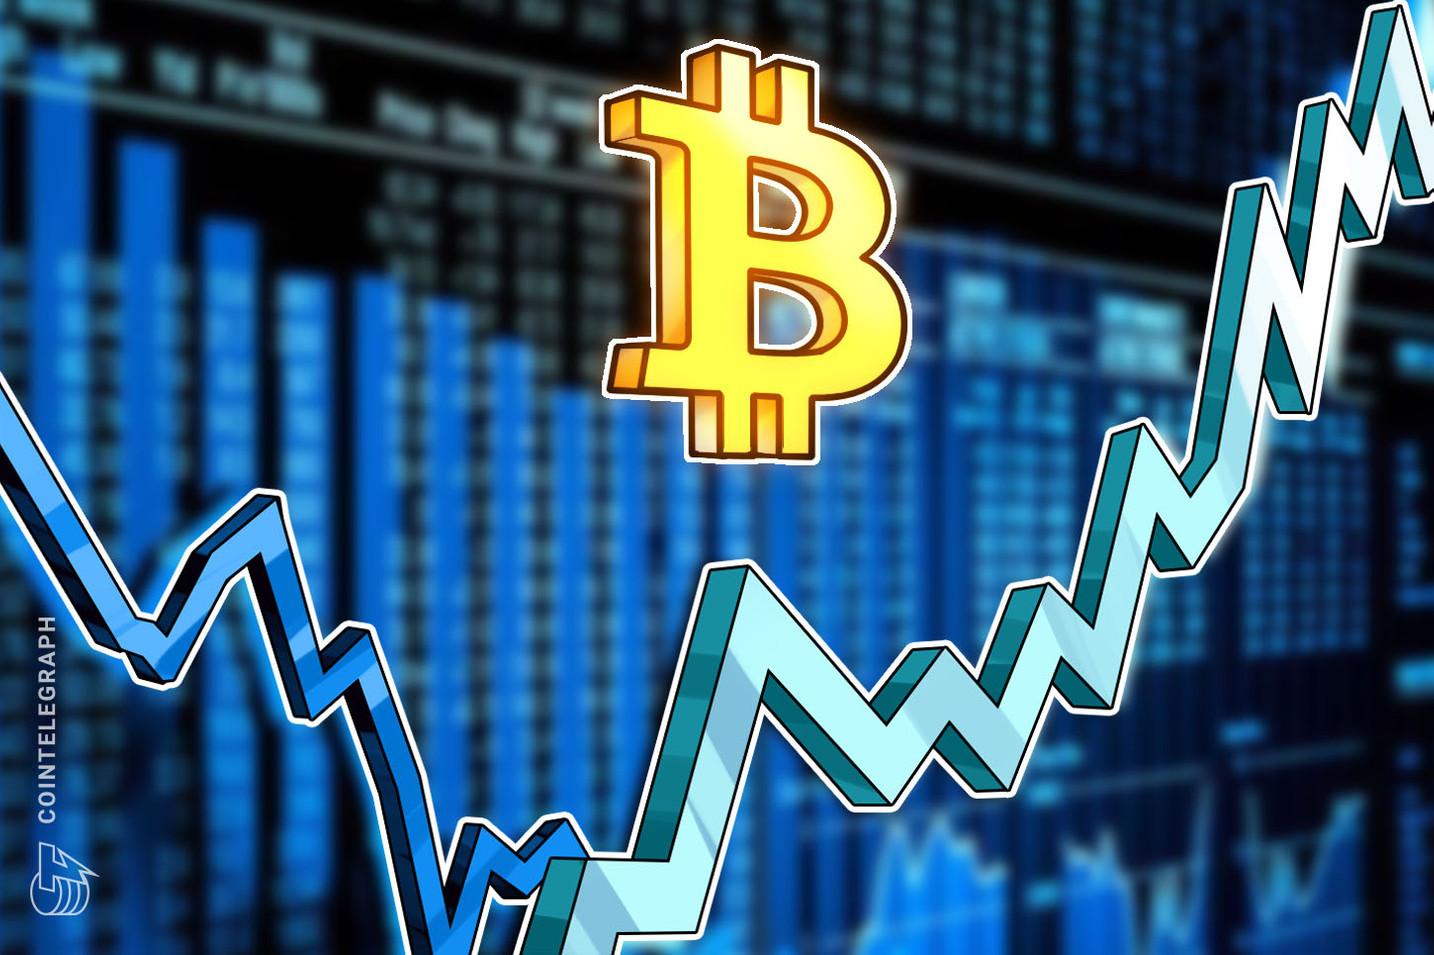 El precio de bitcoin cae por debajo de los $30,000, pero los datos on-chain sugieren que las ballenas están acumulando BTC